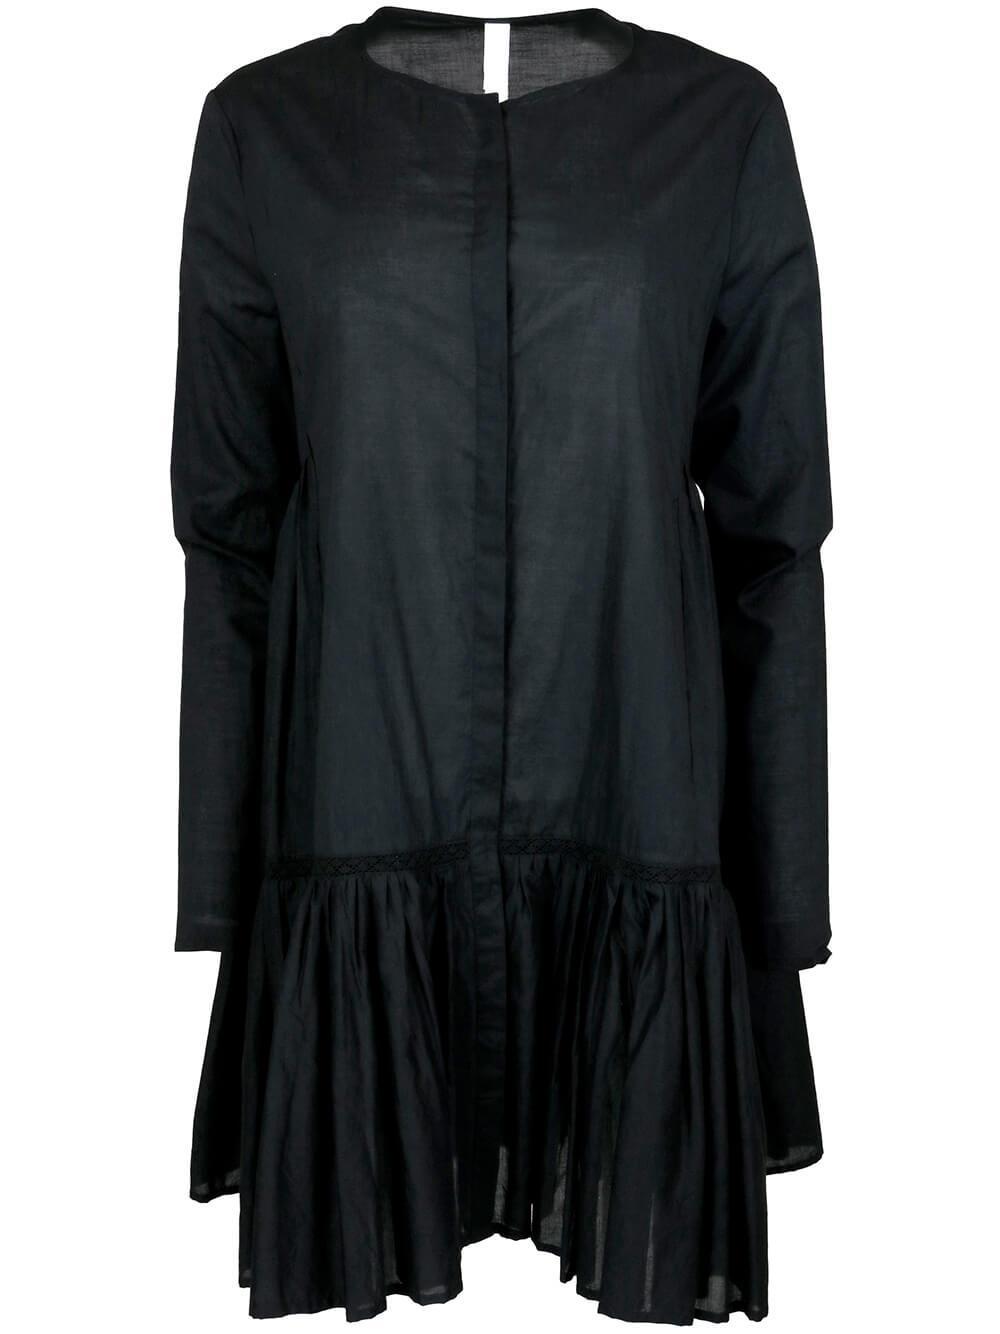 Mertel Dress